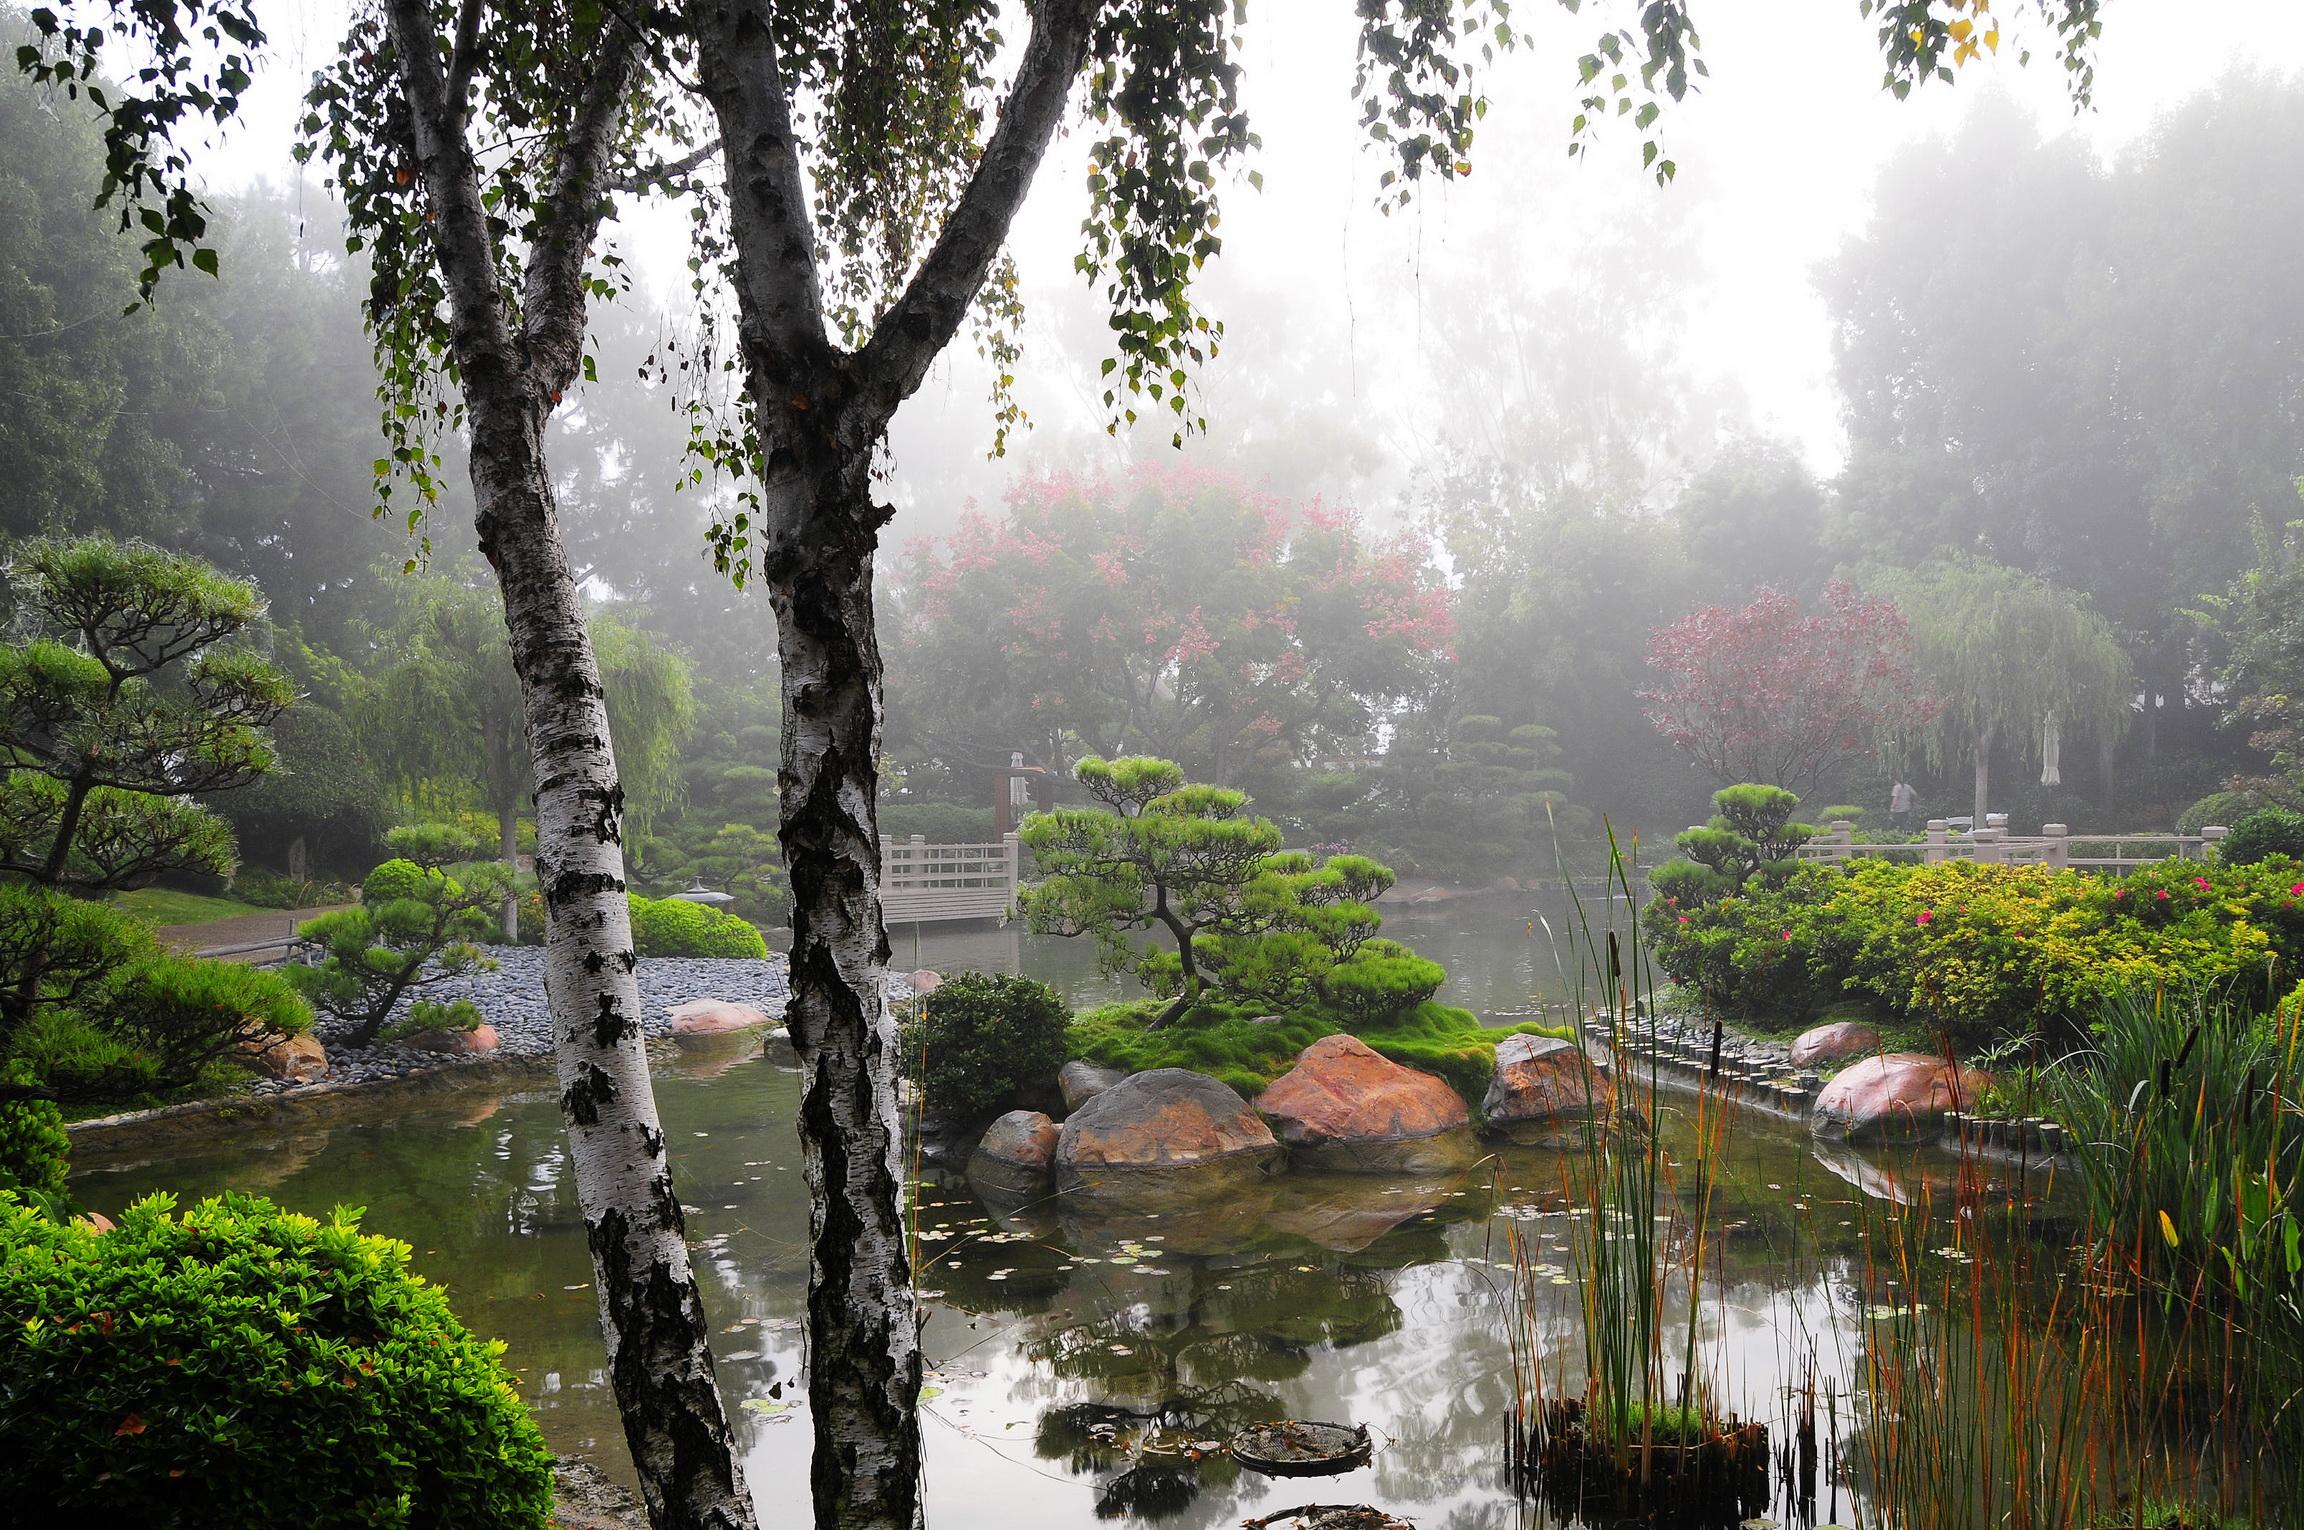 природа береза деревья вода озеро лес  № 2791927 загрузить